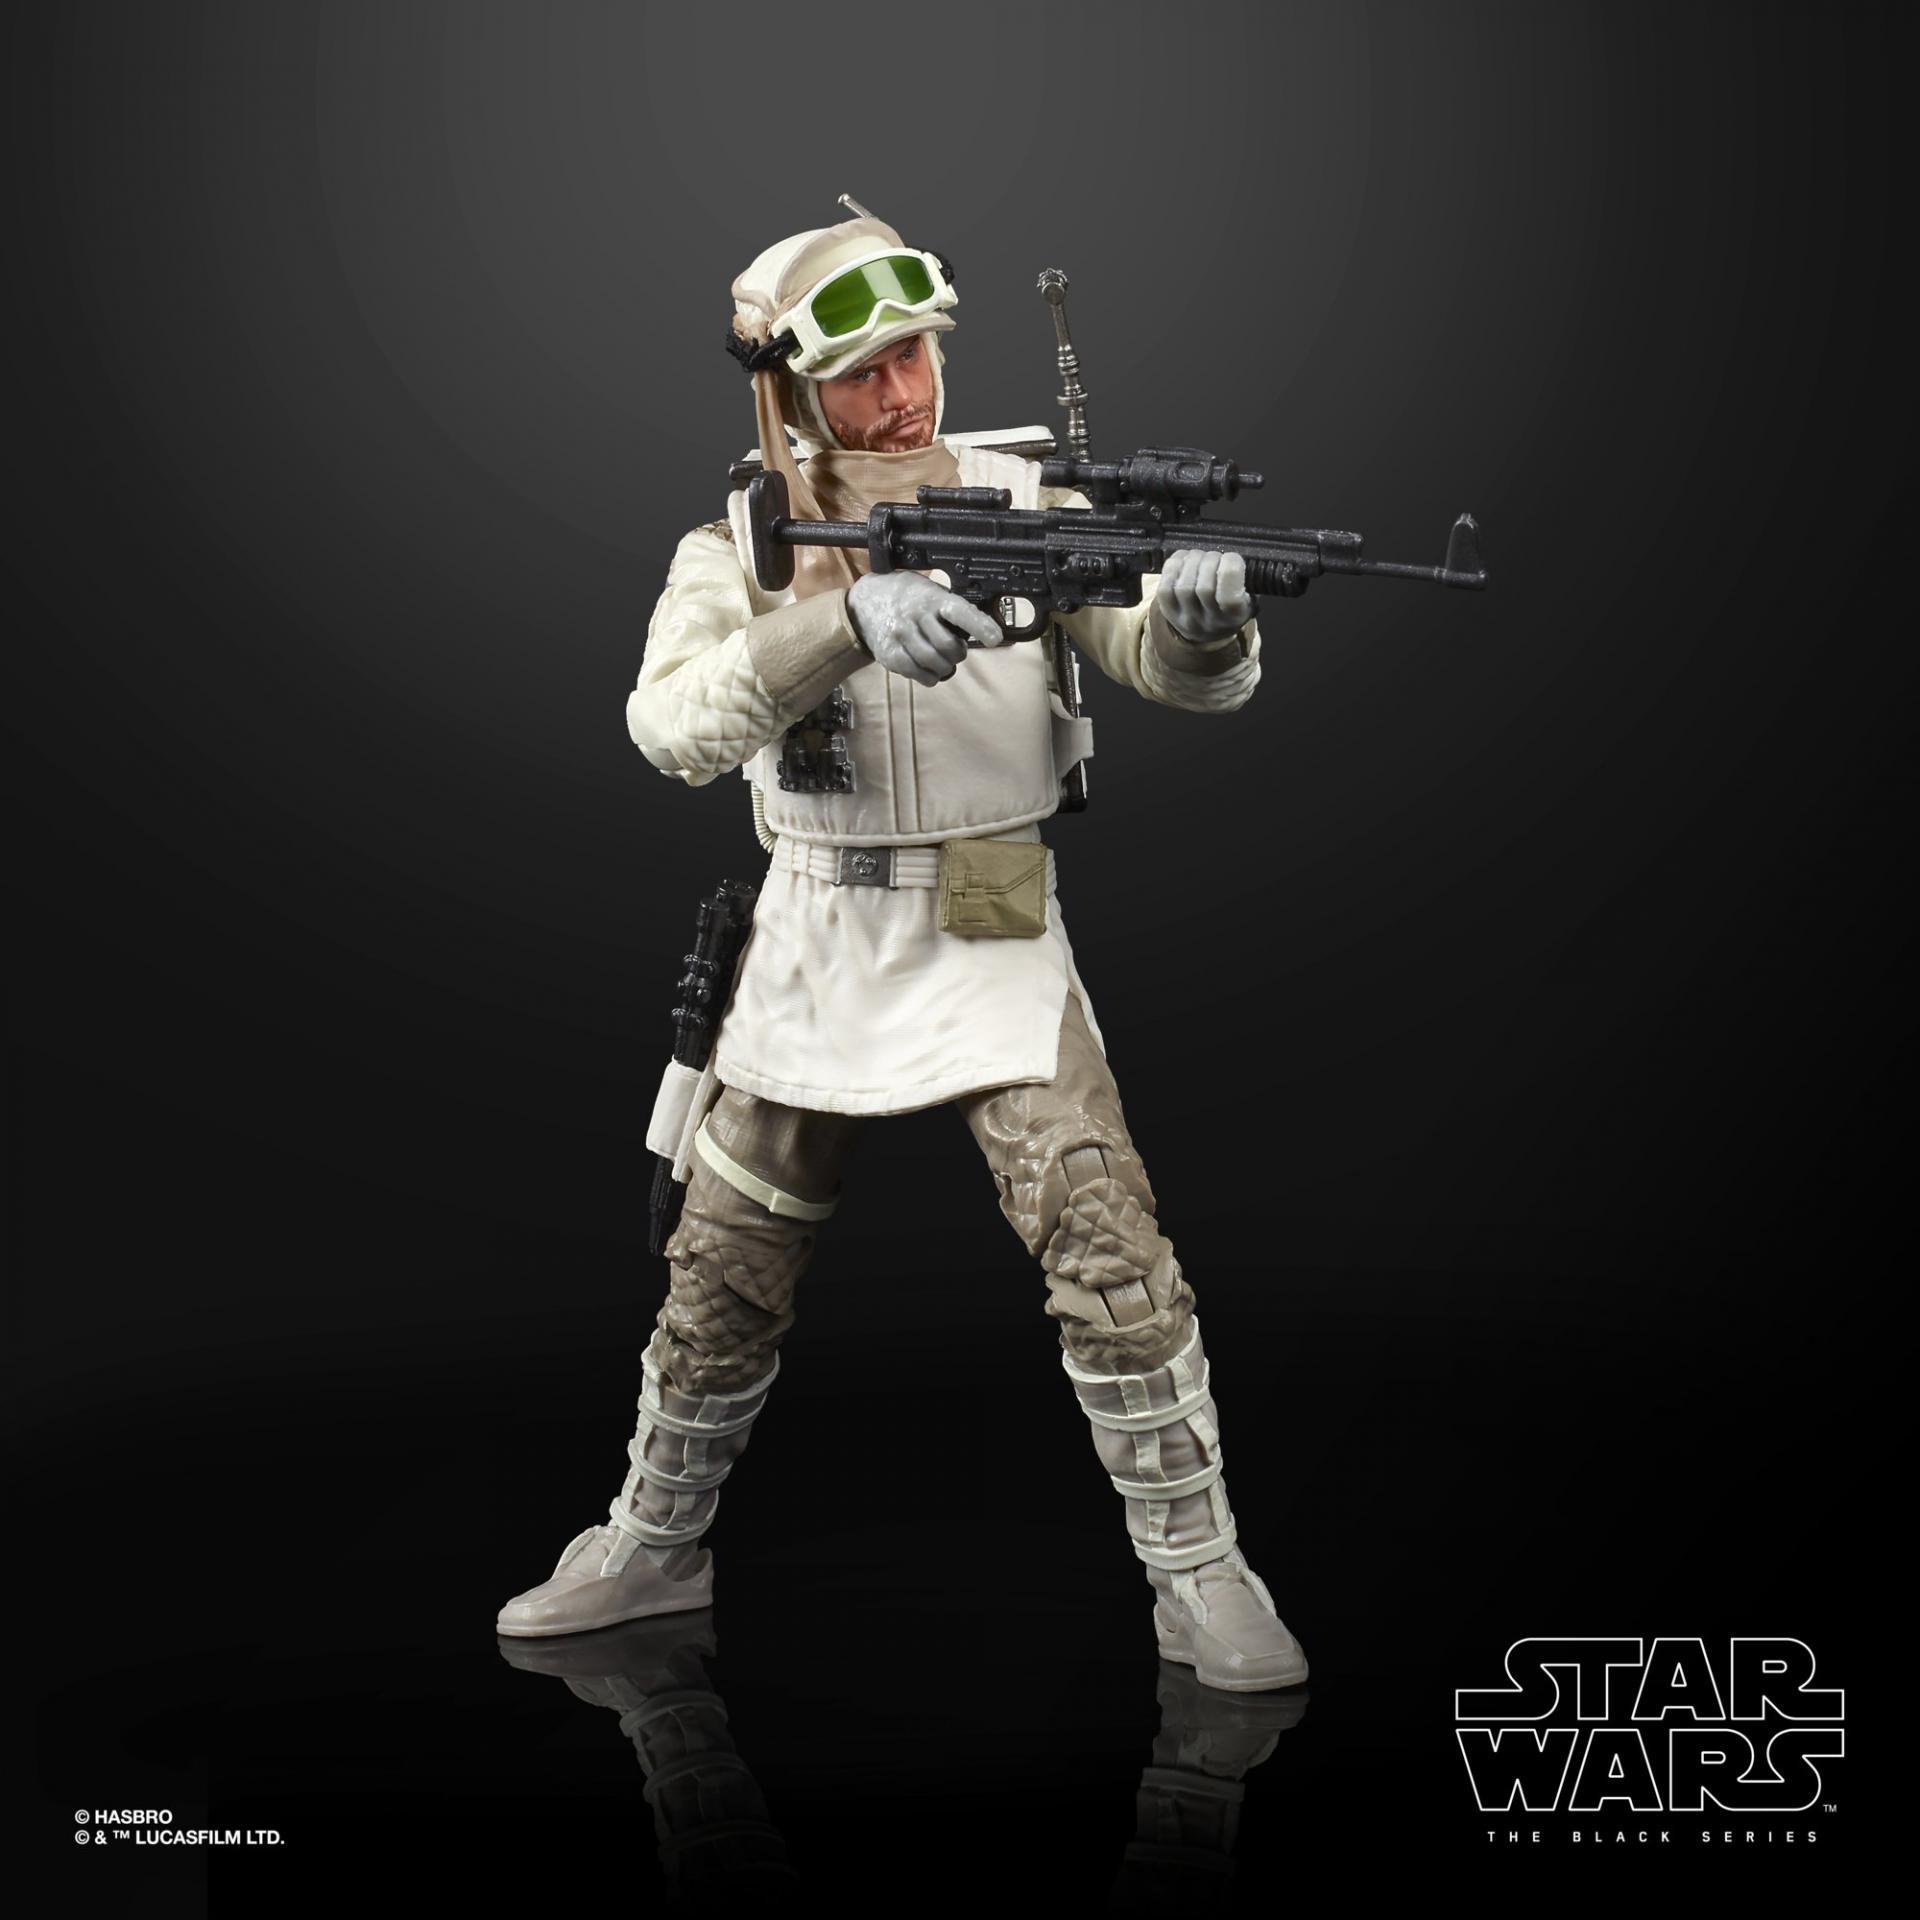 Star wars the black series rebel trooper hoth 15 cm1